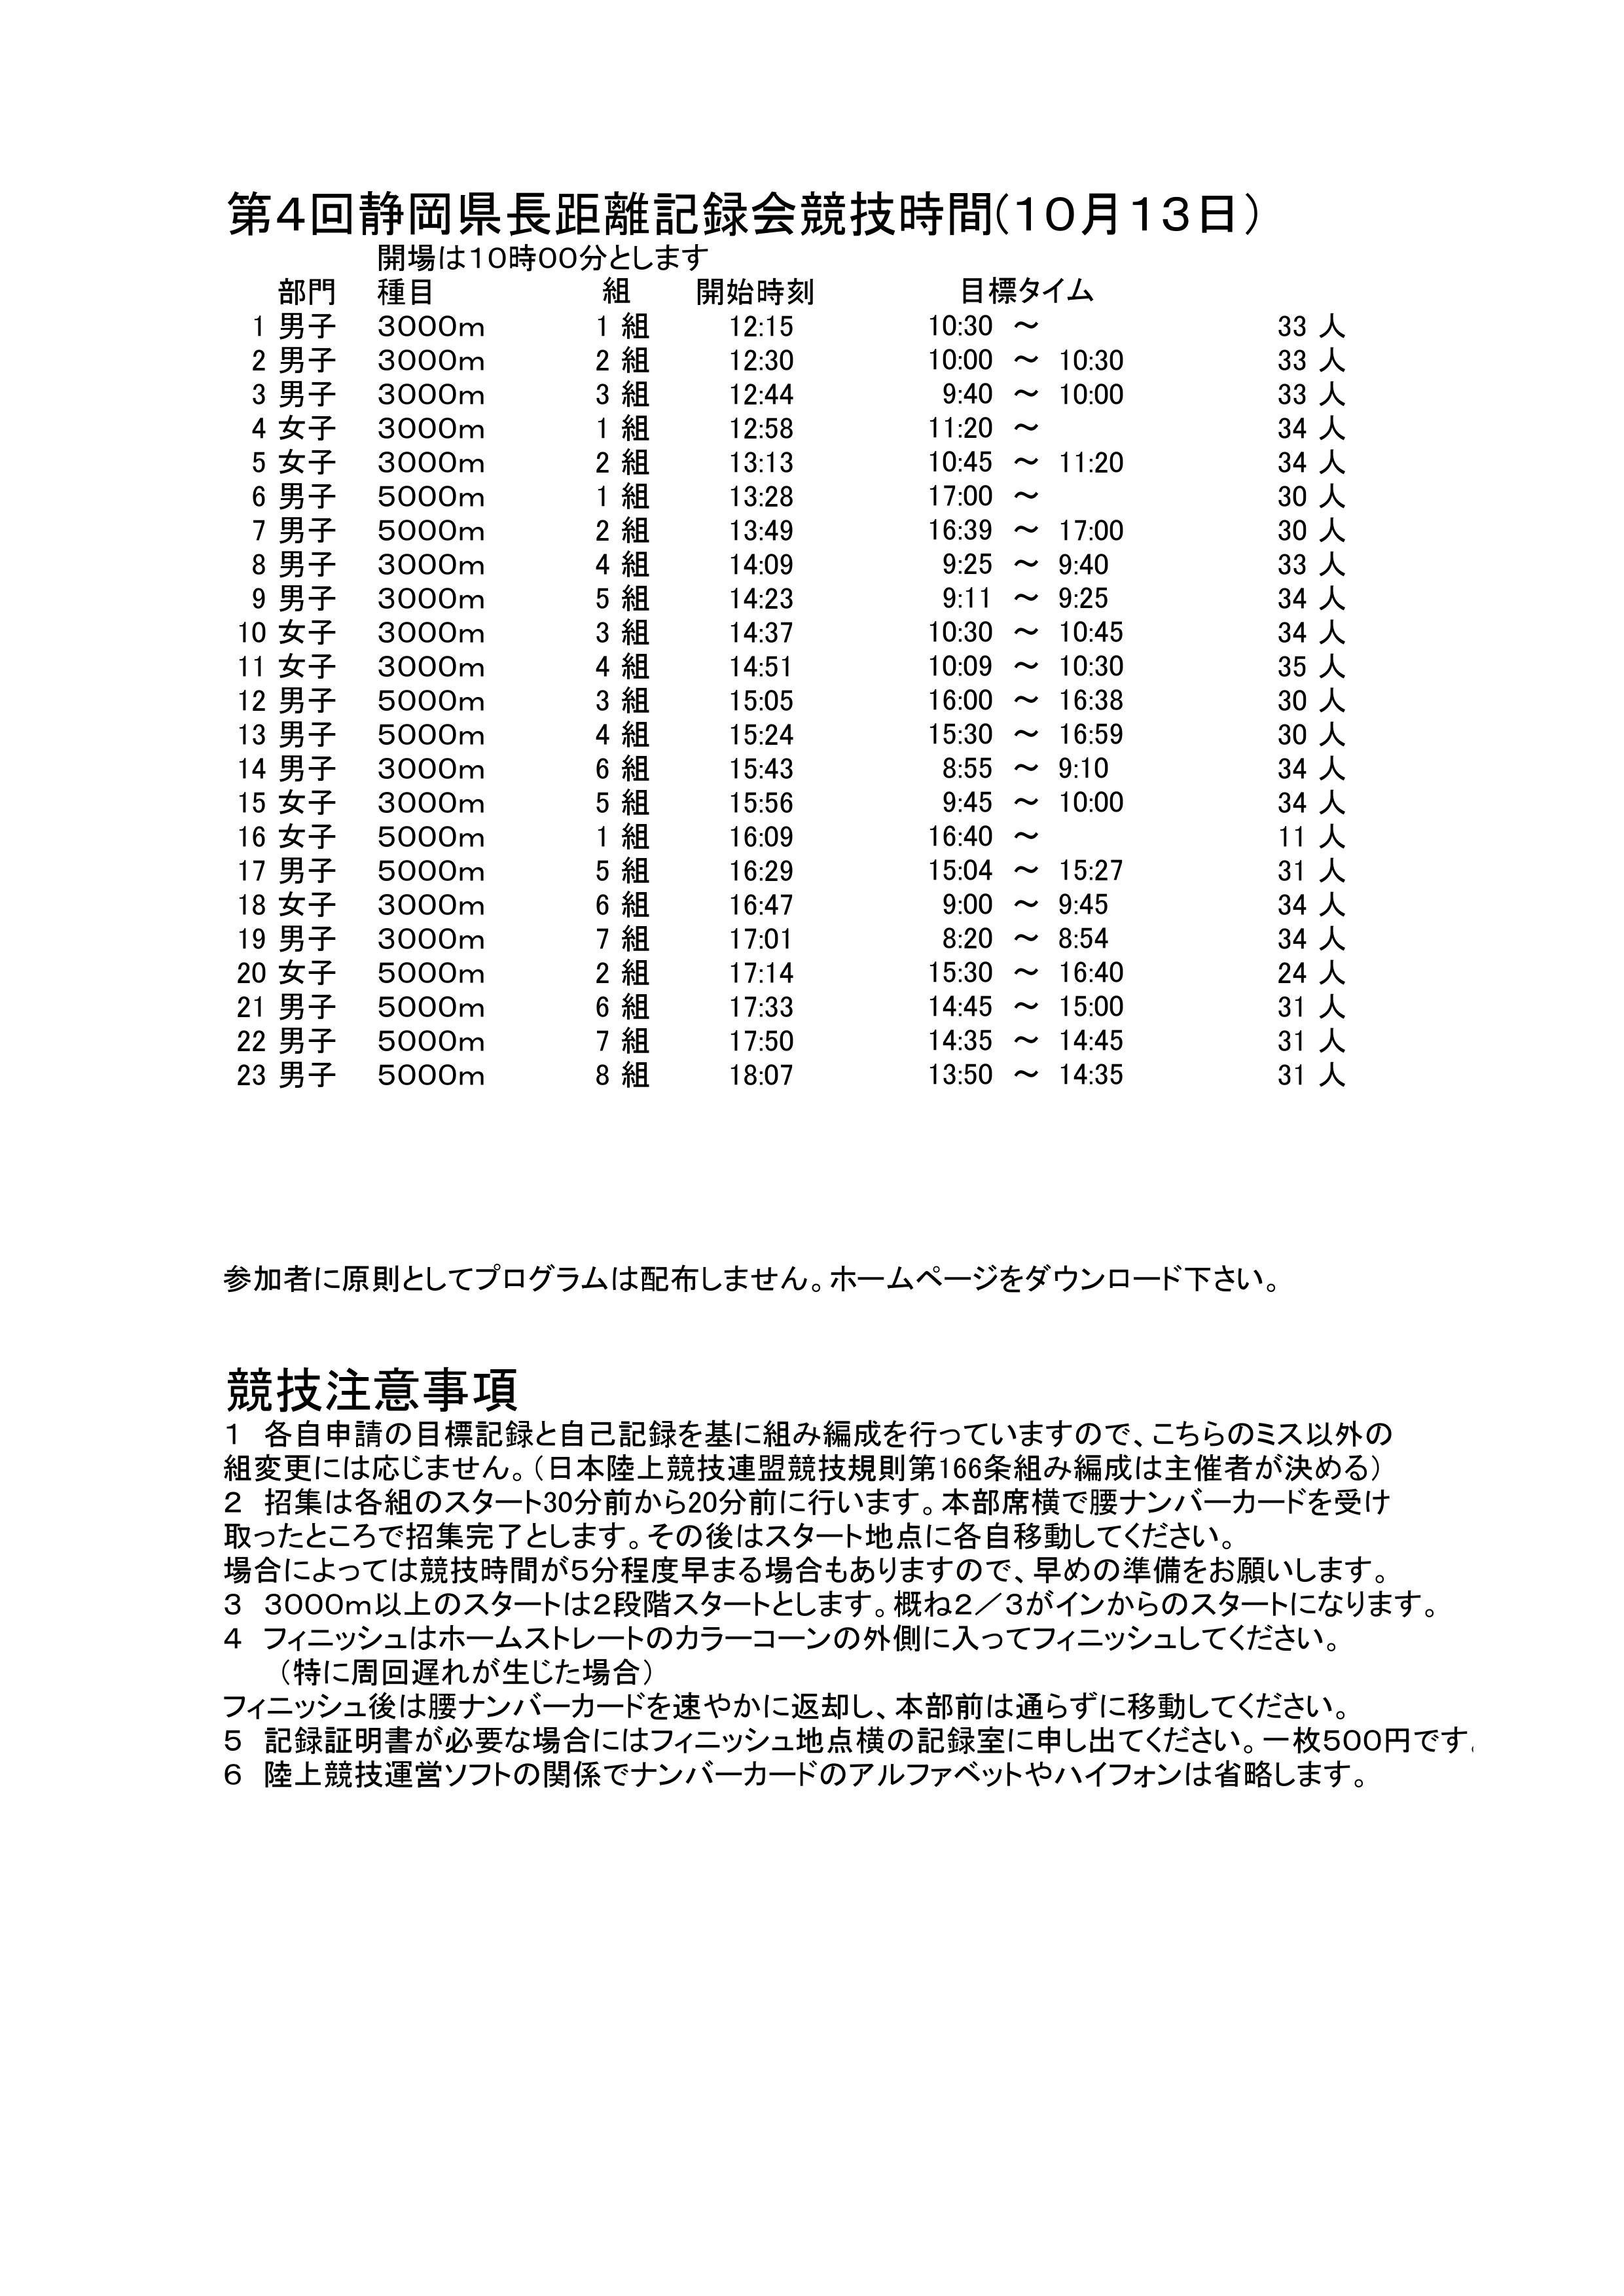 20181013長距離記録会TT